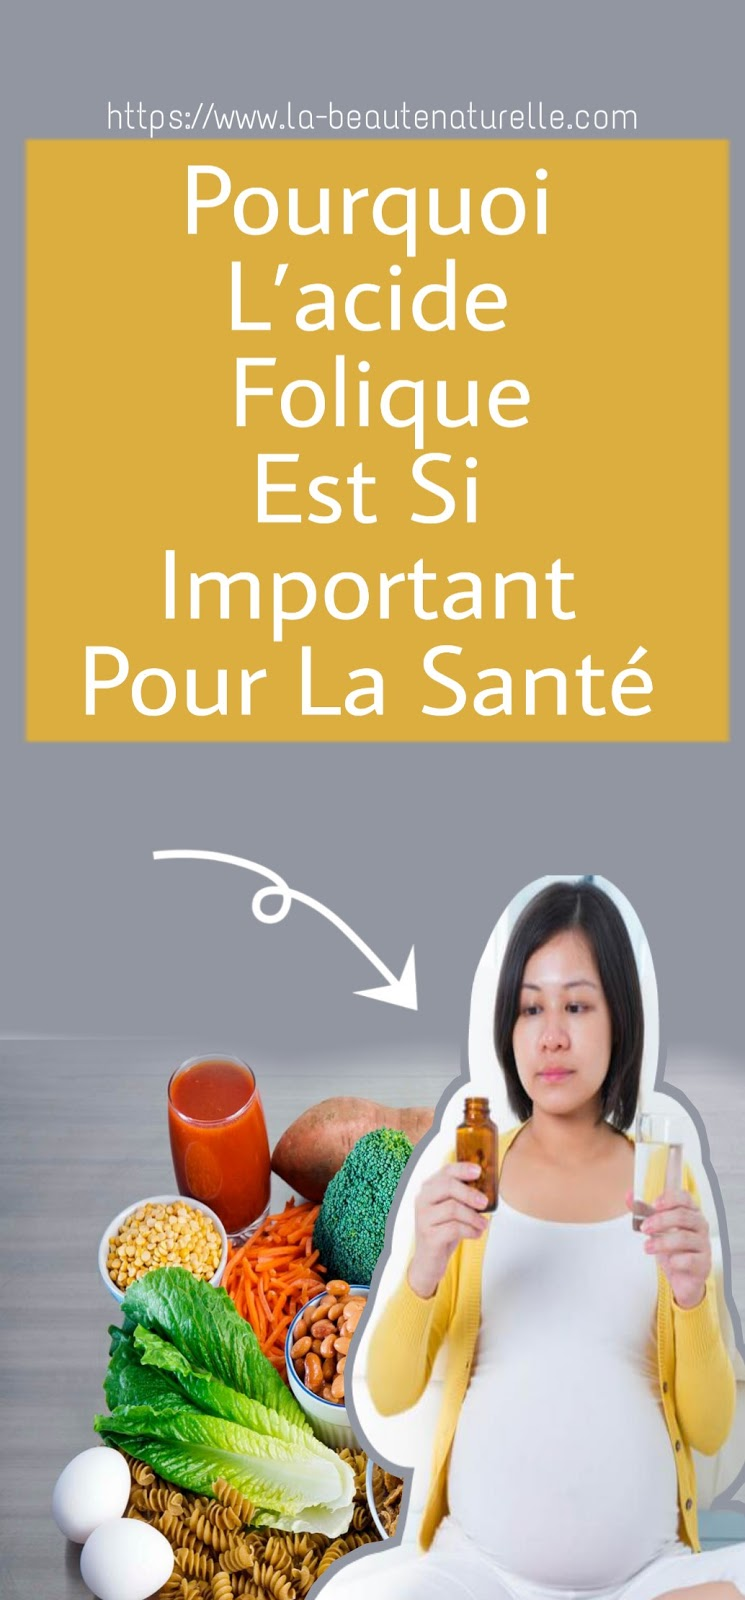 Pourquoi L'acide Folique Est Si Important Pour La Santé